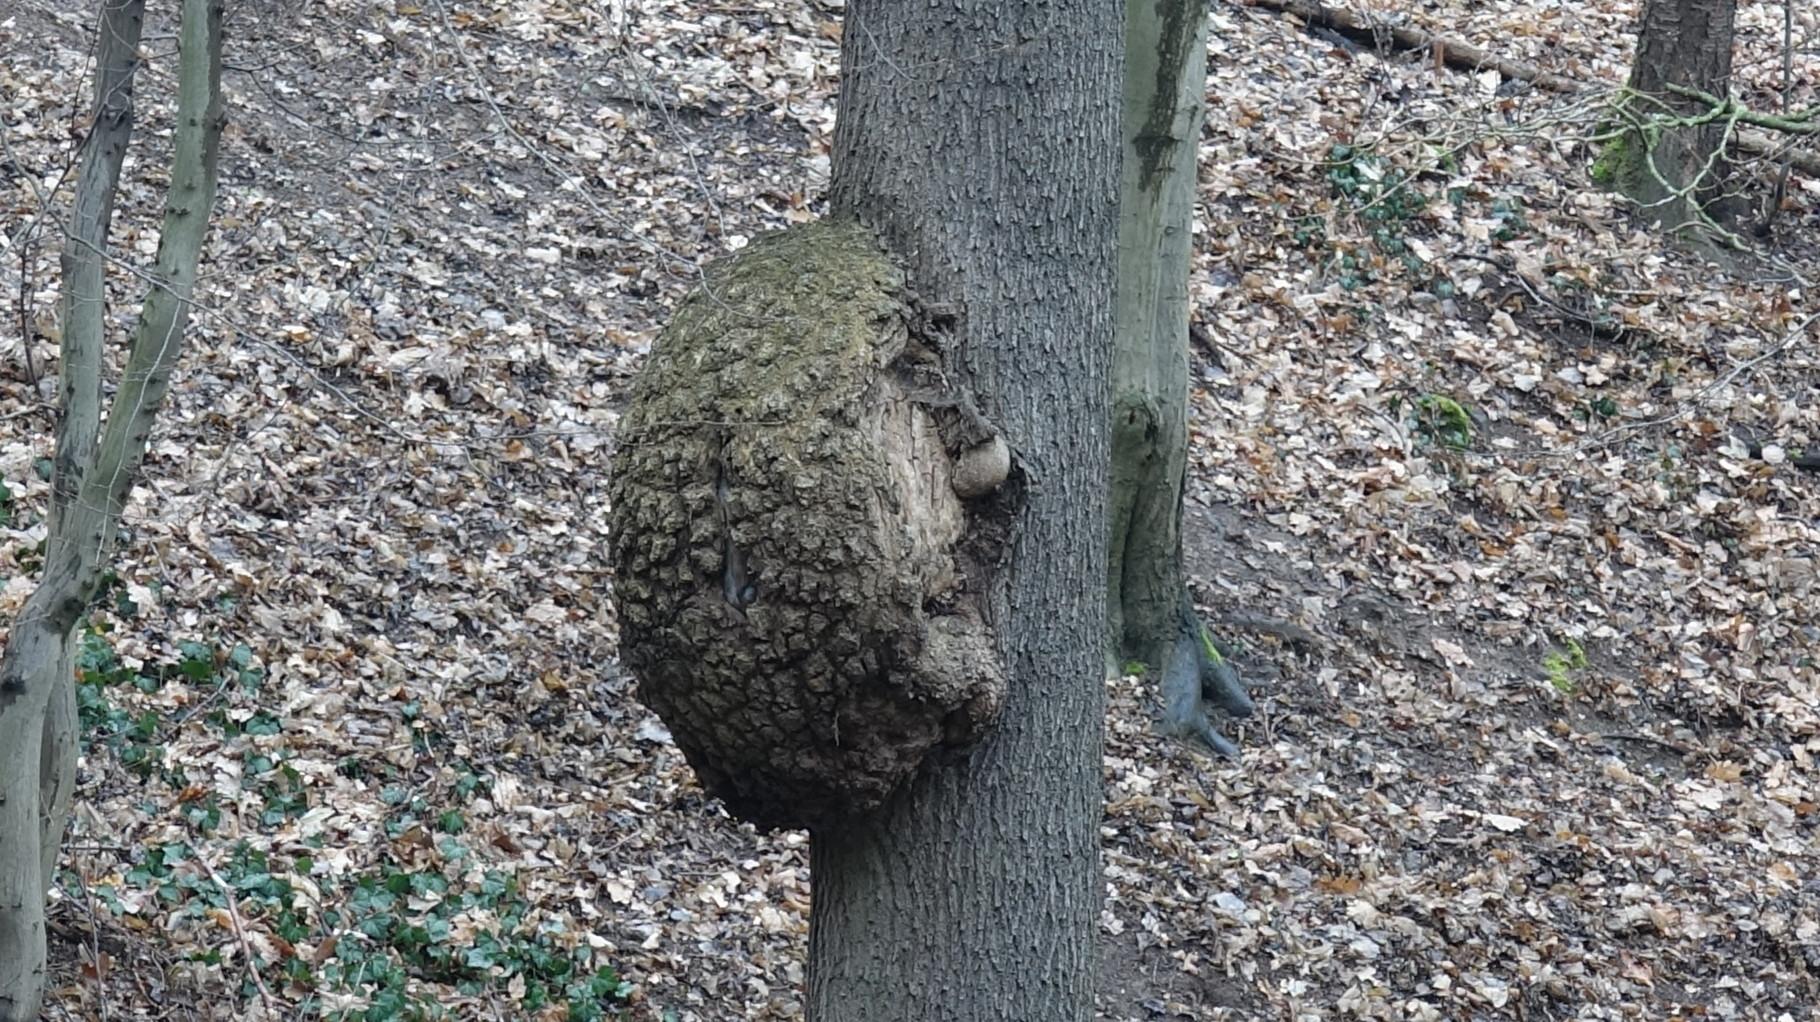 Der den Baum hinaufkletternde Igel.